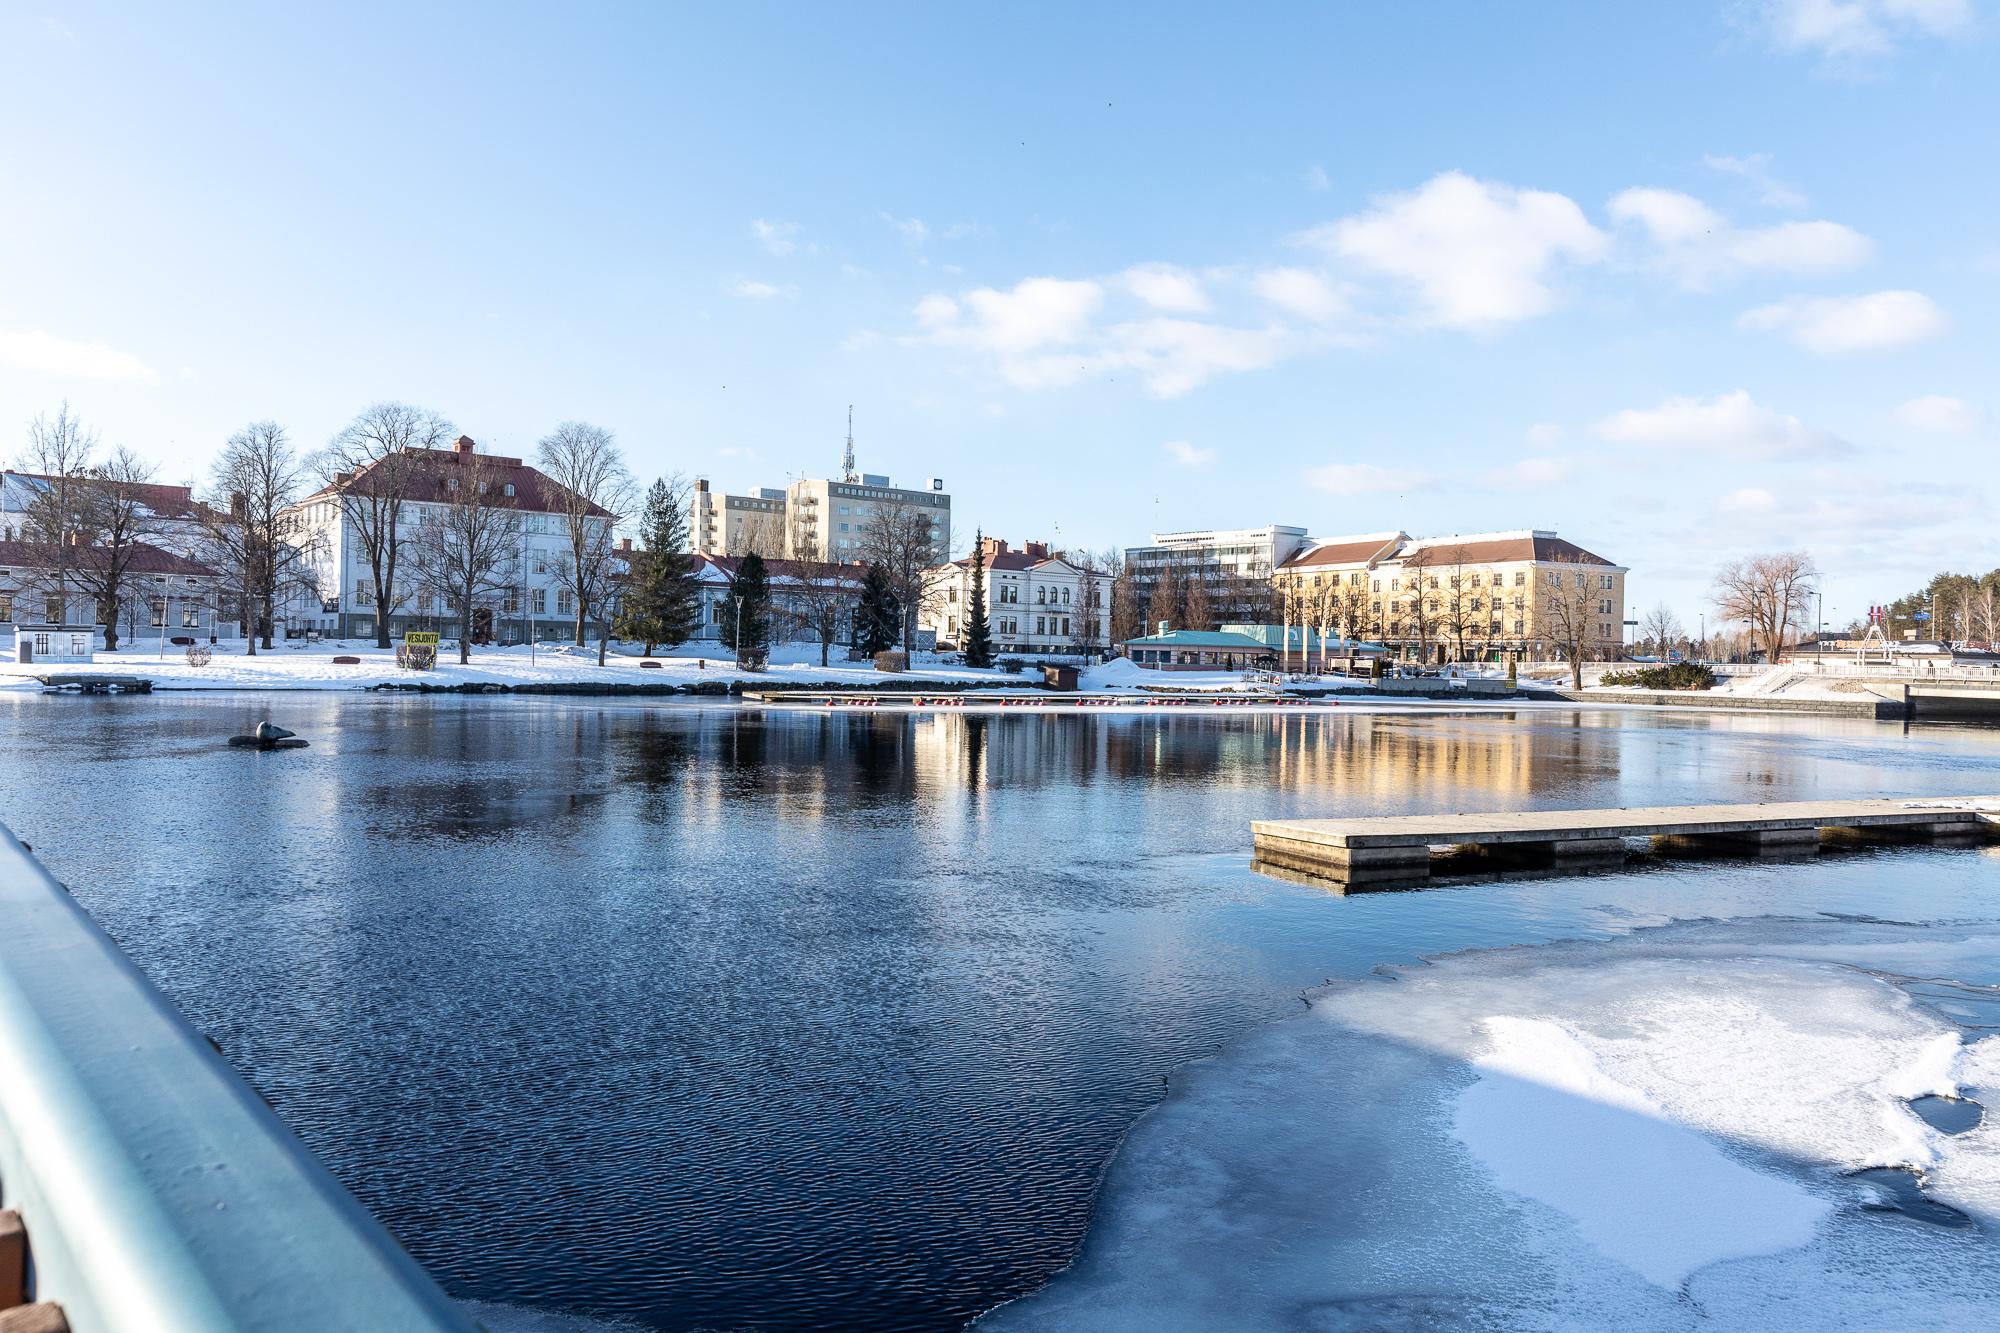 Savonlinna, visitsavonlinna, visitsaimaa, Saimaa, valokuvaus, valokuvaaja, Frida Steiner, photographer, visualaddict, visualaddictfrida, kotimaa, matkailu, matkustus, Suomi, Finland, visitfinland,